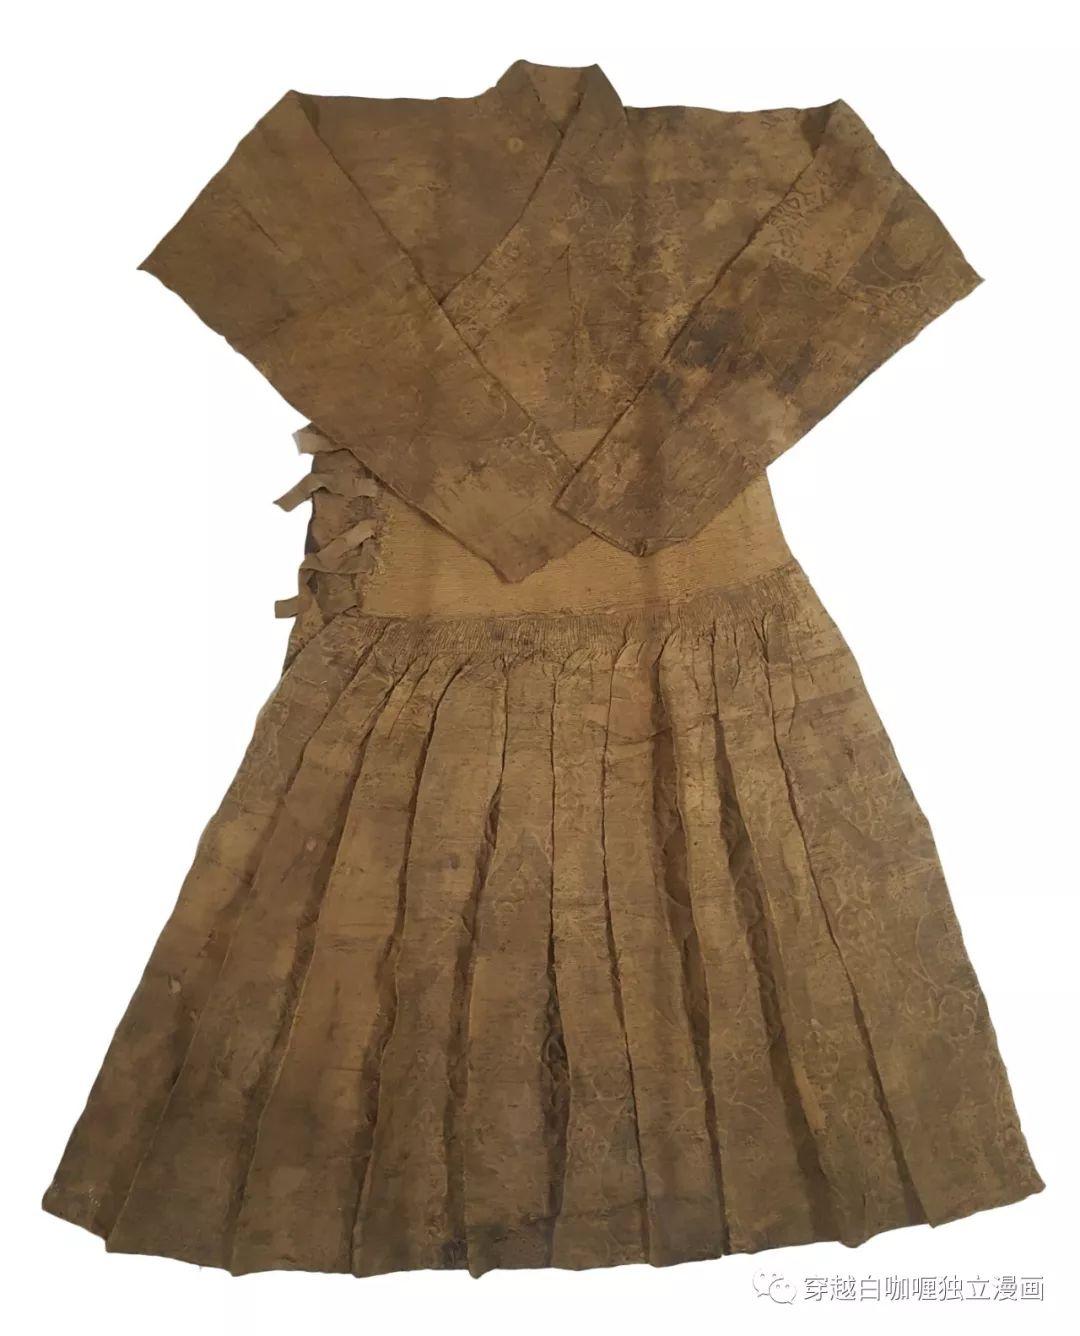 【蒙古文化】什么是蒙古袍? ᠳᠡᠪᠡᠯᠤᠨ ᠲᠤᠬᠠᠢ 第10张 【蒙古文化】什么是蒙古袍? ᠳᠡᠪᠡᠯᠤᠨ ᠲᠤᠬᠠᠢ 蒙古服饰